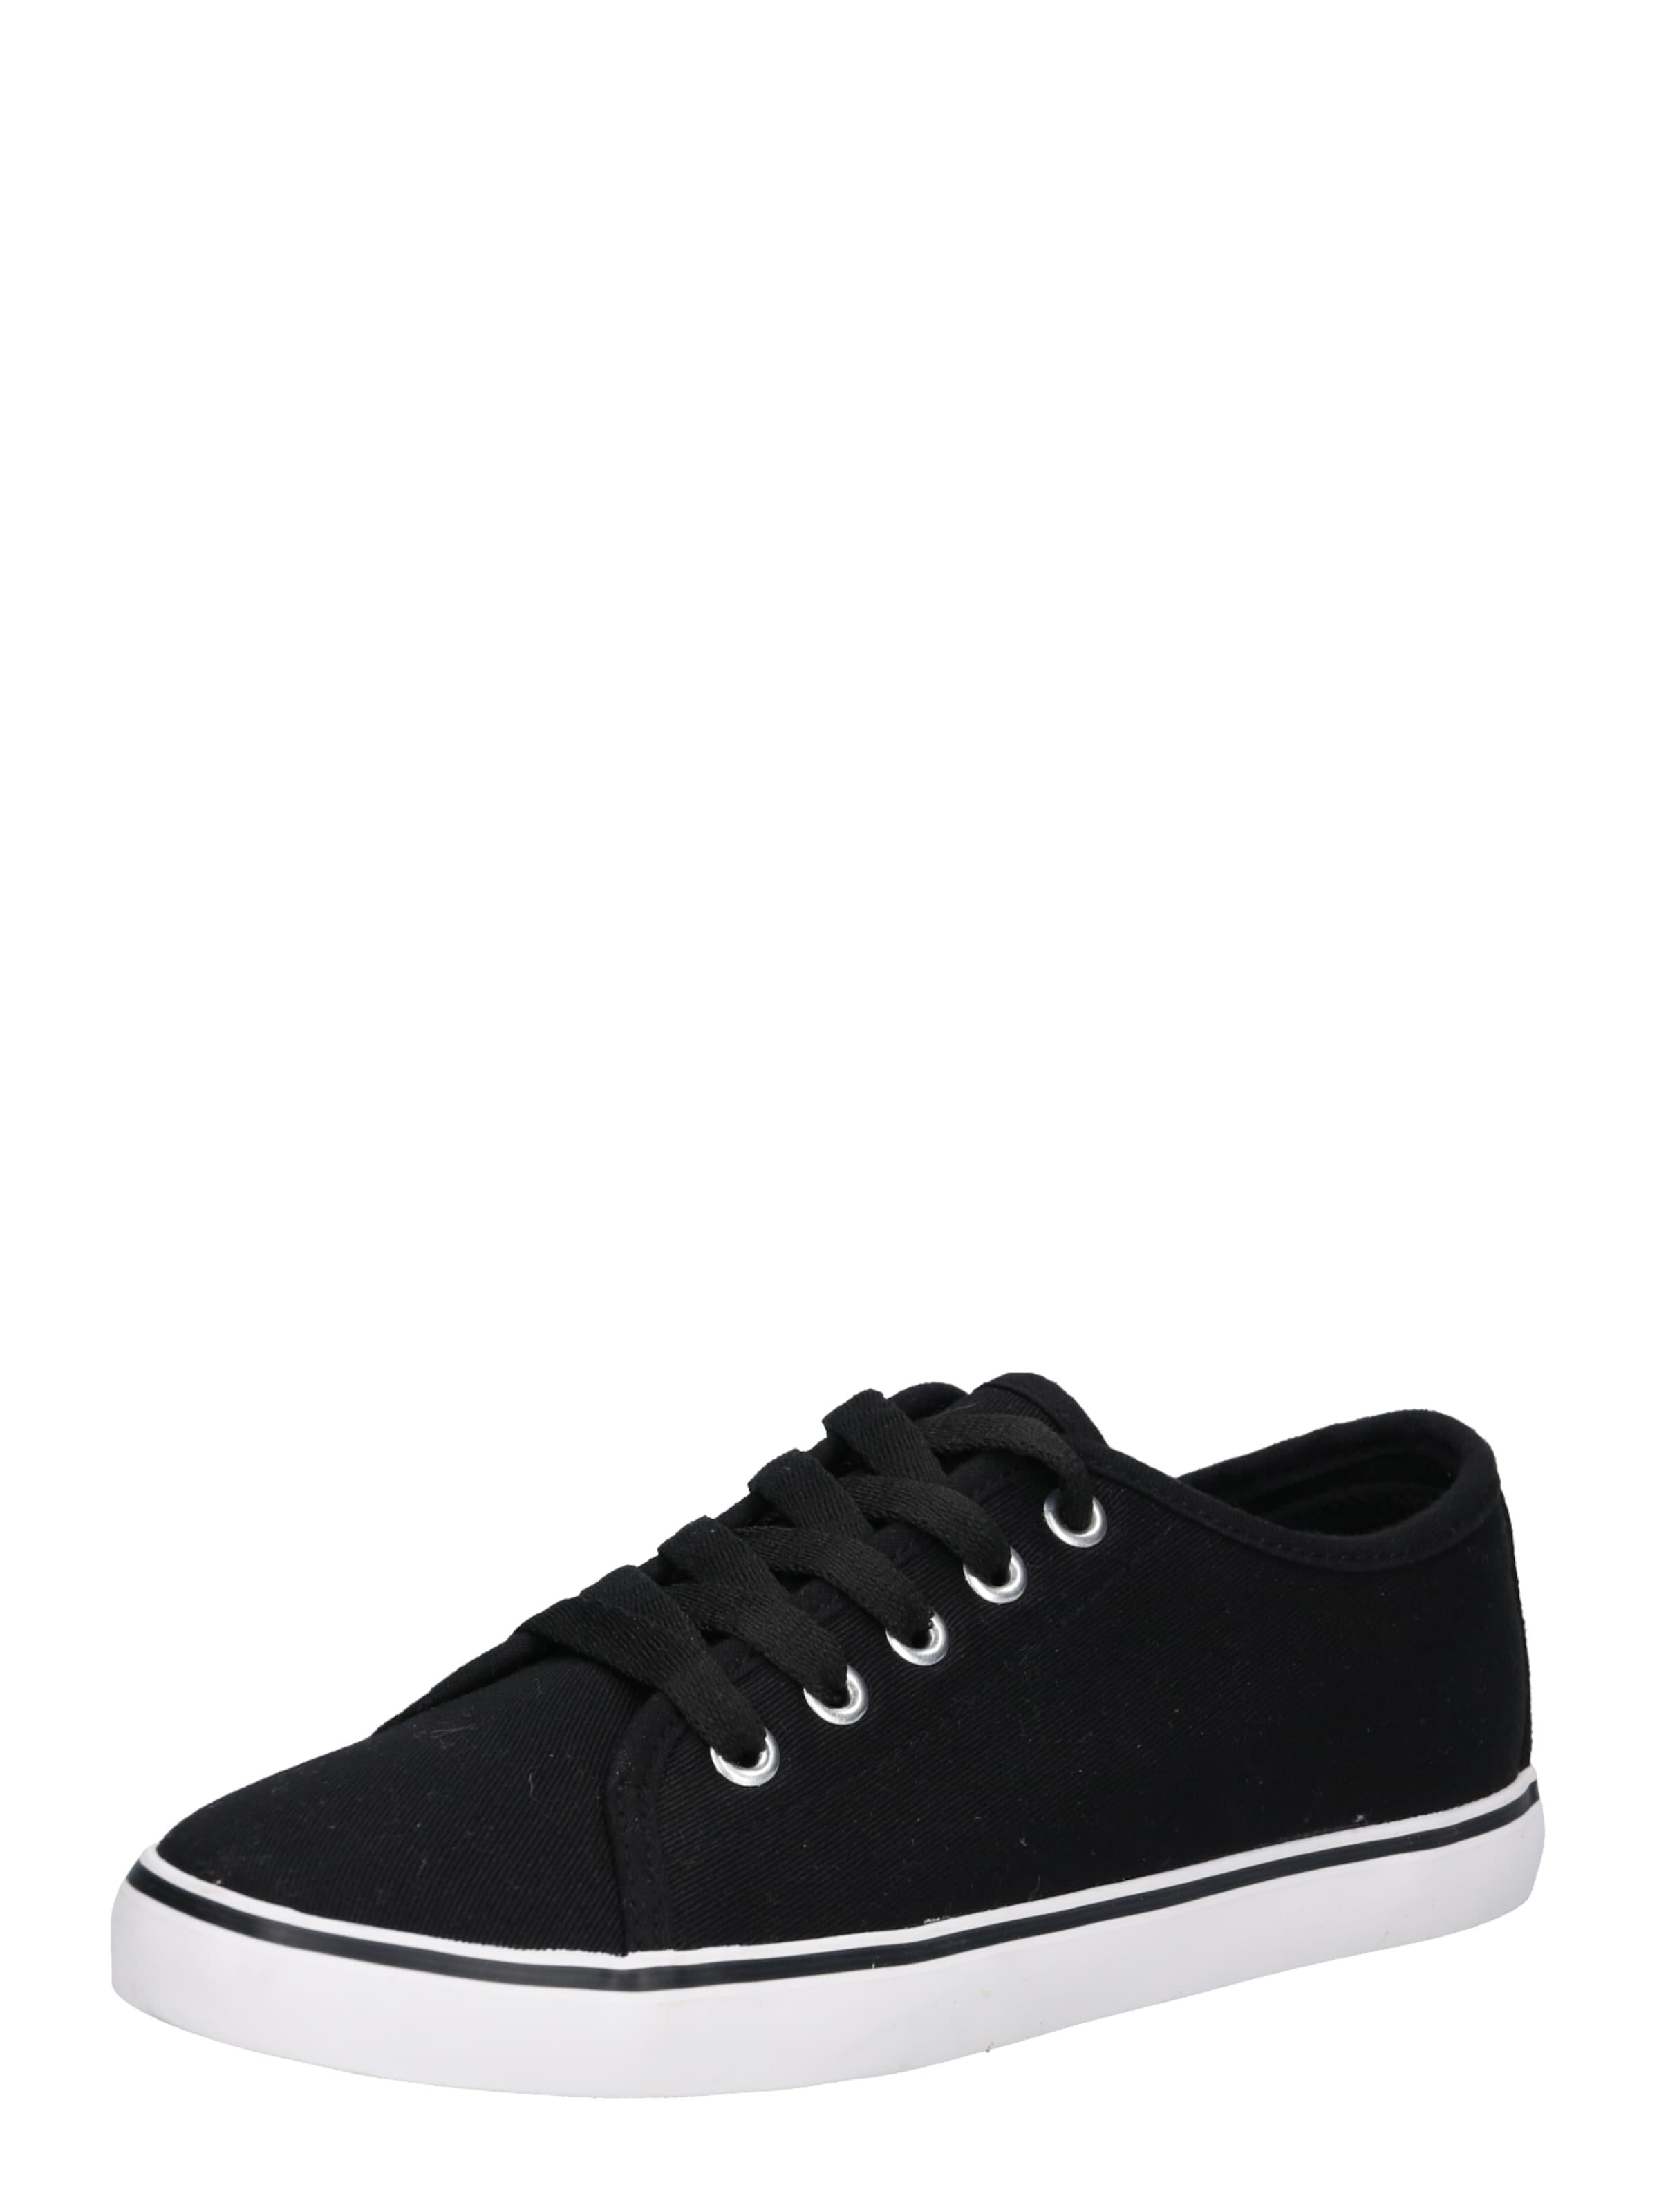 In You Shoe' Sneaker About 'henriette Schwarz 354jRLAq